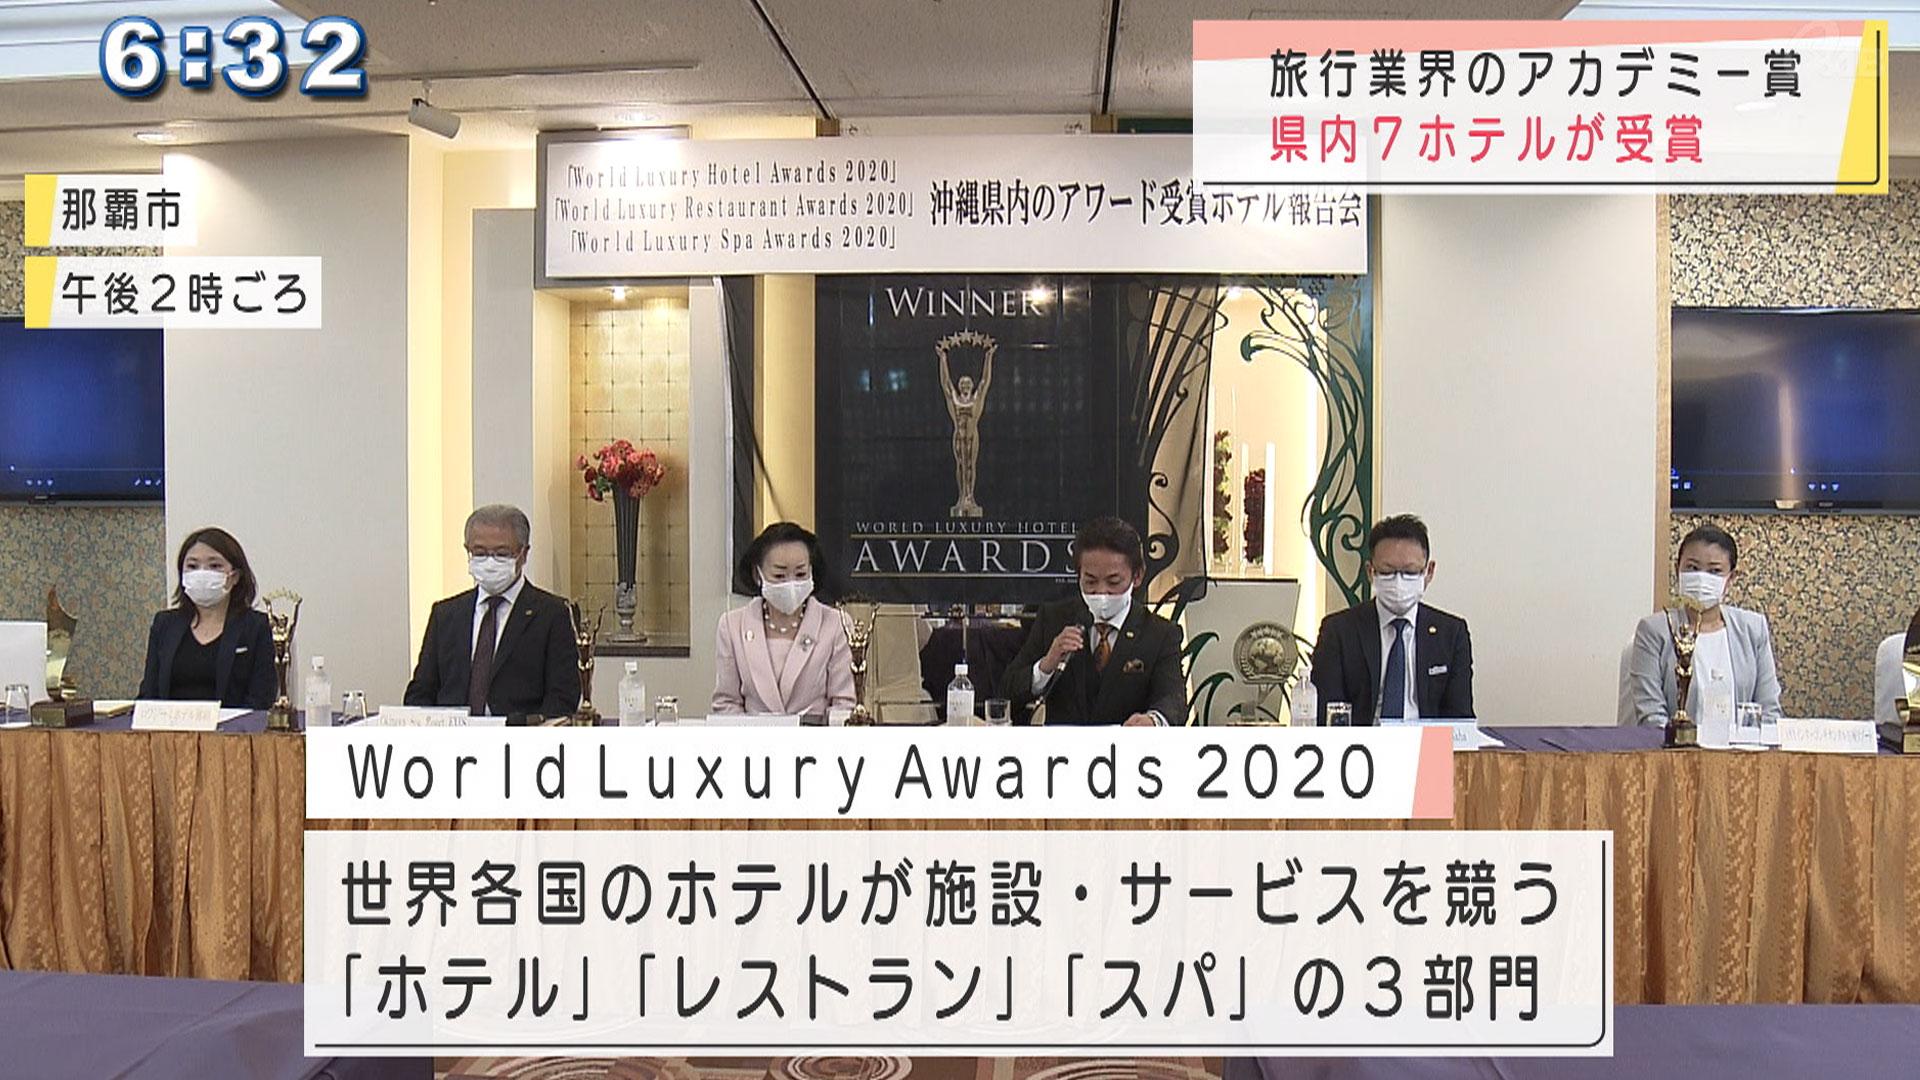 アワード受賞ホテル報告会